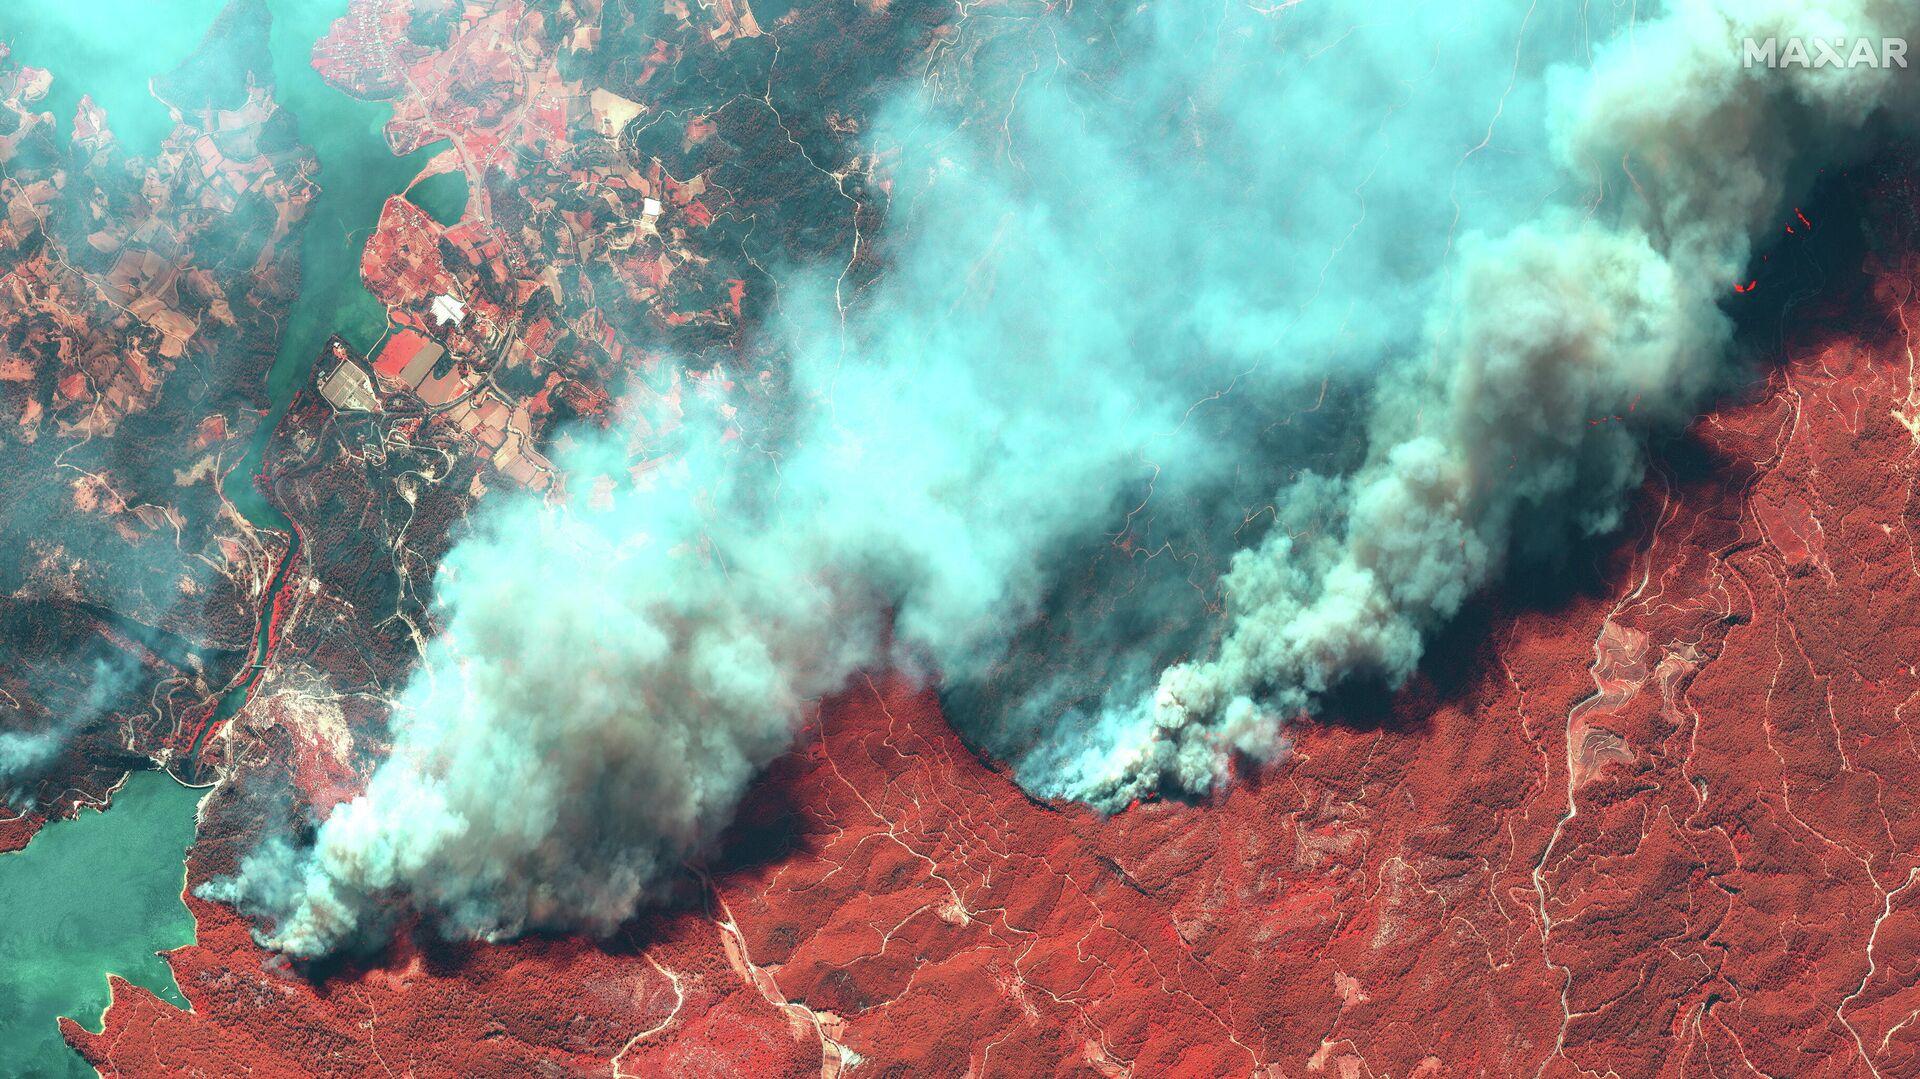 Incendios forestales en Turquía - Sputnik Mundo, 1920, 30.07.2021